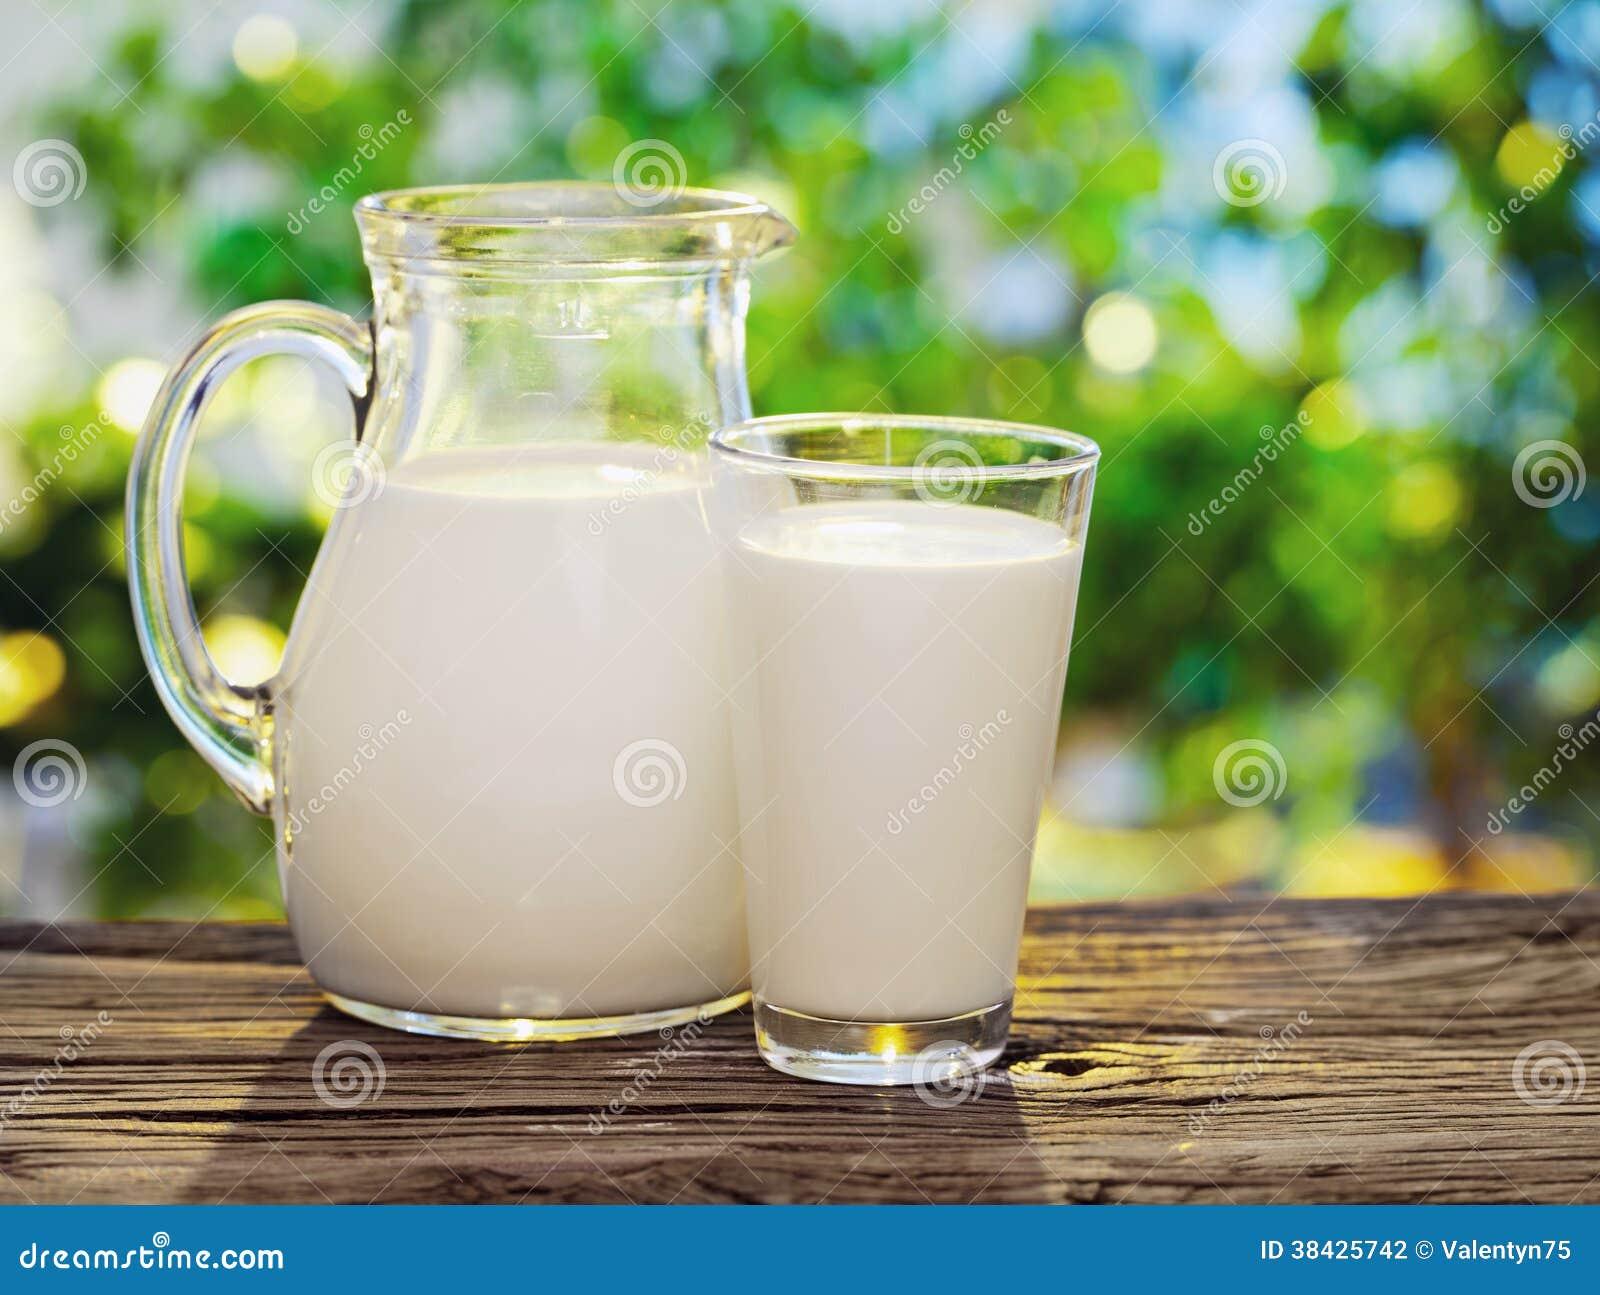 Latte in barattolo e vetro.